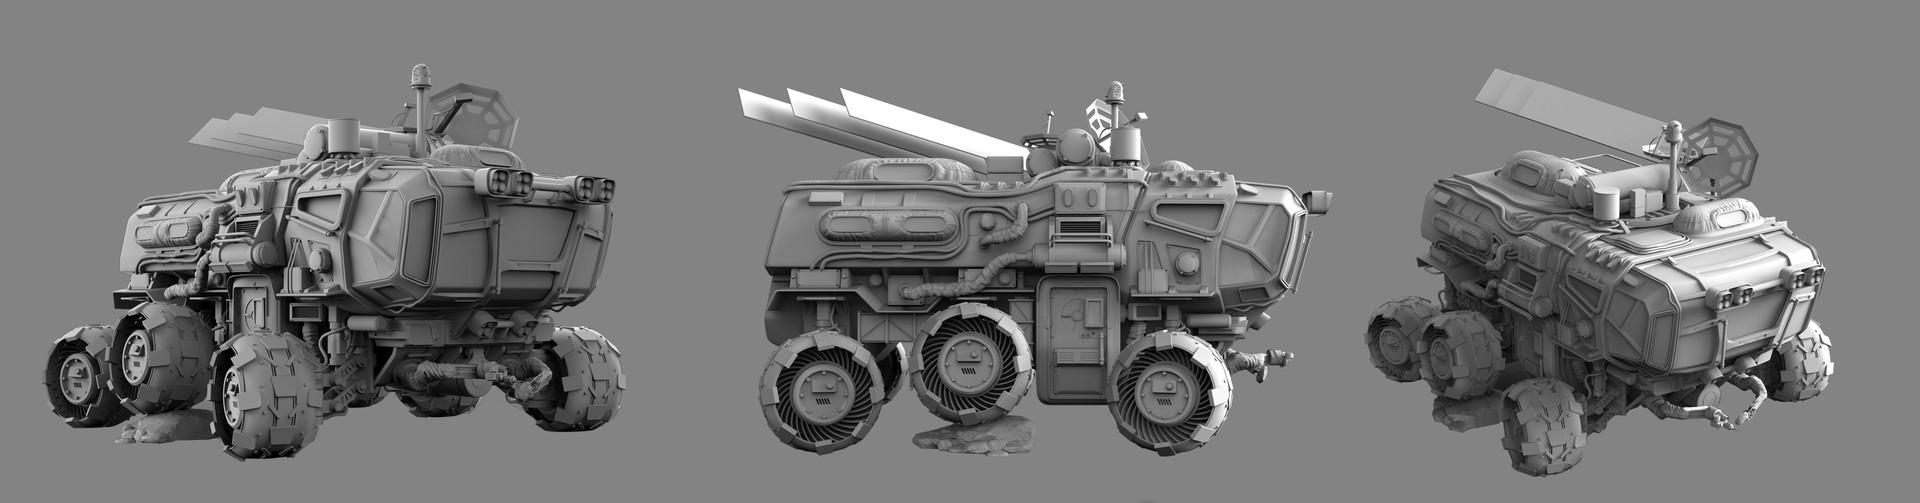 Igor sobolevsky rover white wiews